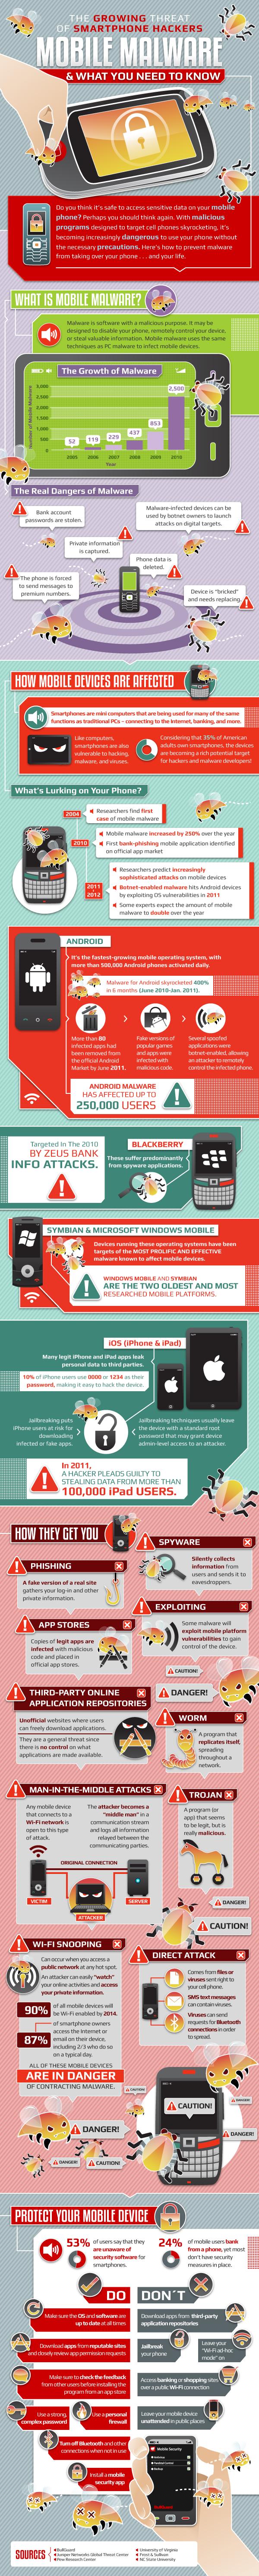 https://korben.info/app/uploads/2011/08/mobile-malware5.png